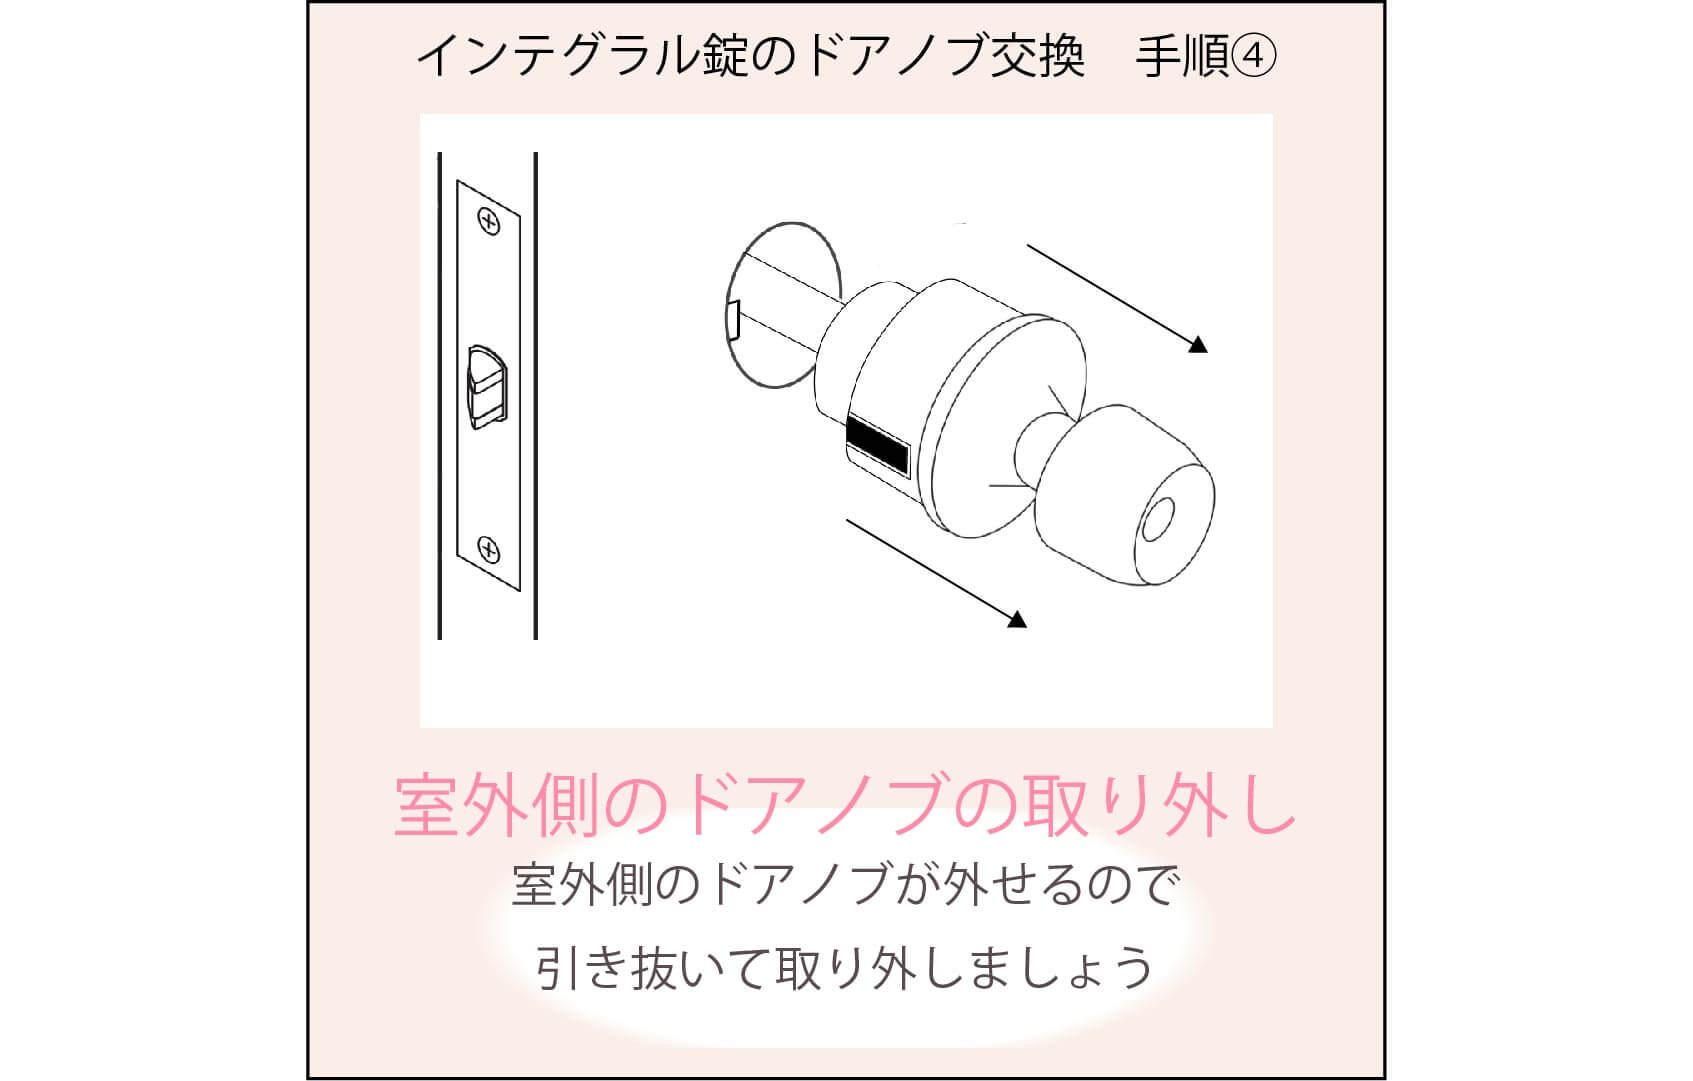 円筒錠の交換手順④